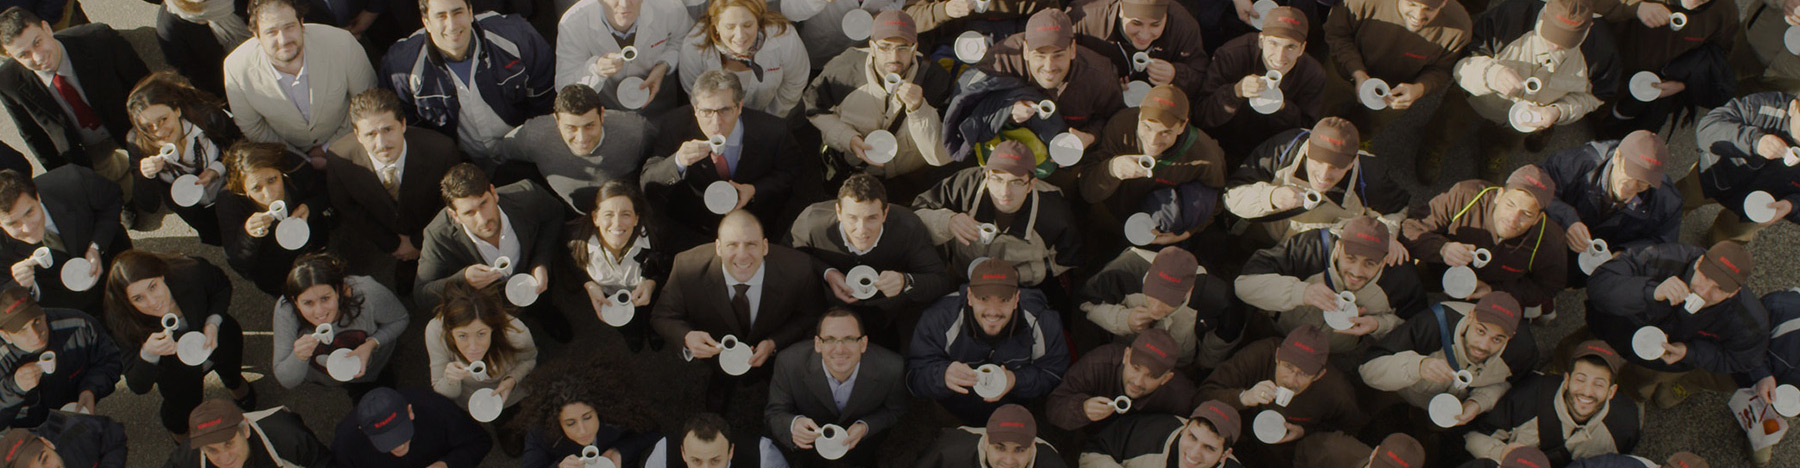 KIMBO ESPRESSO COFFE - CRETE